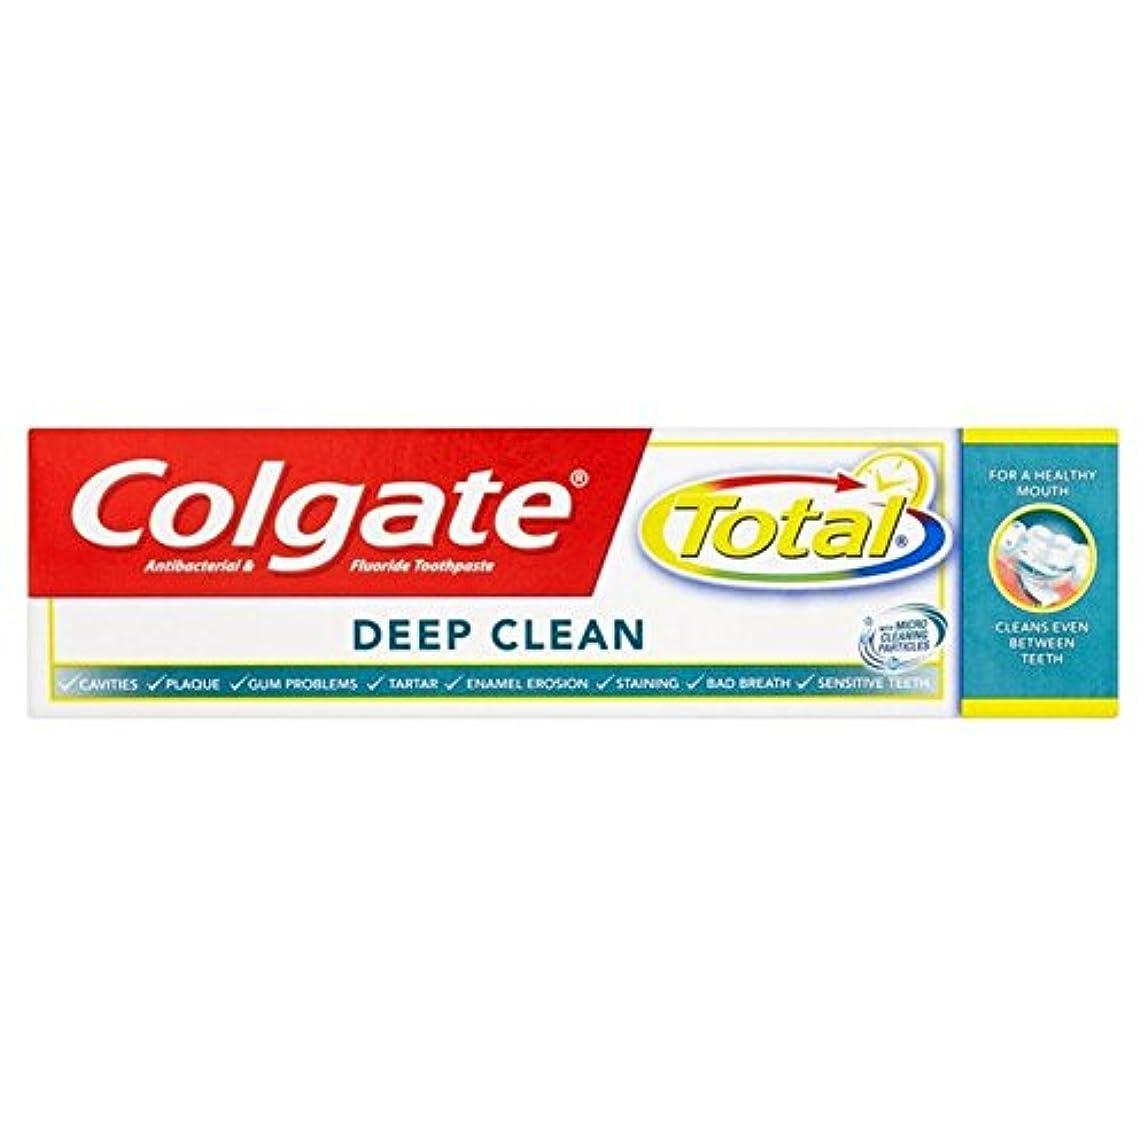 非難操作可能フィラデルフィアコルゲートトータル深いクリーン歯磨き粉75ミリリットル x2 - Colgate Total Deep Clean Toothpaste 75ml (Pack of 2) [並行輸入品]